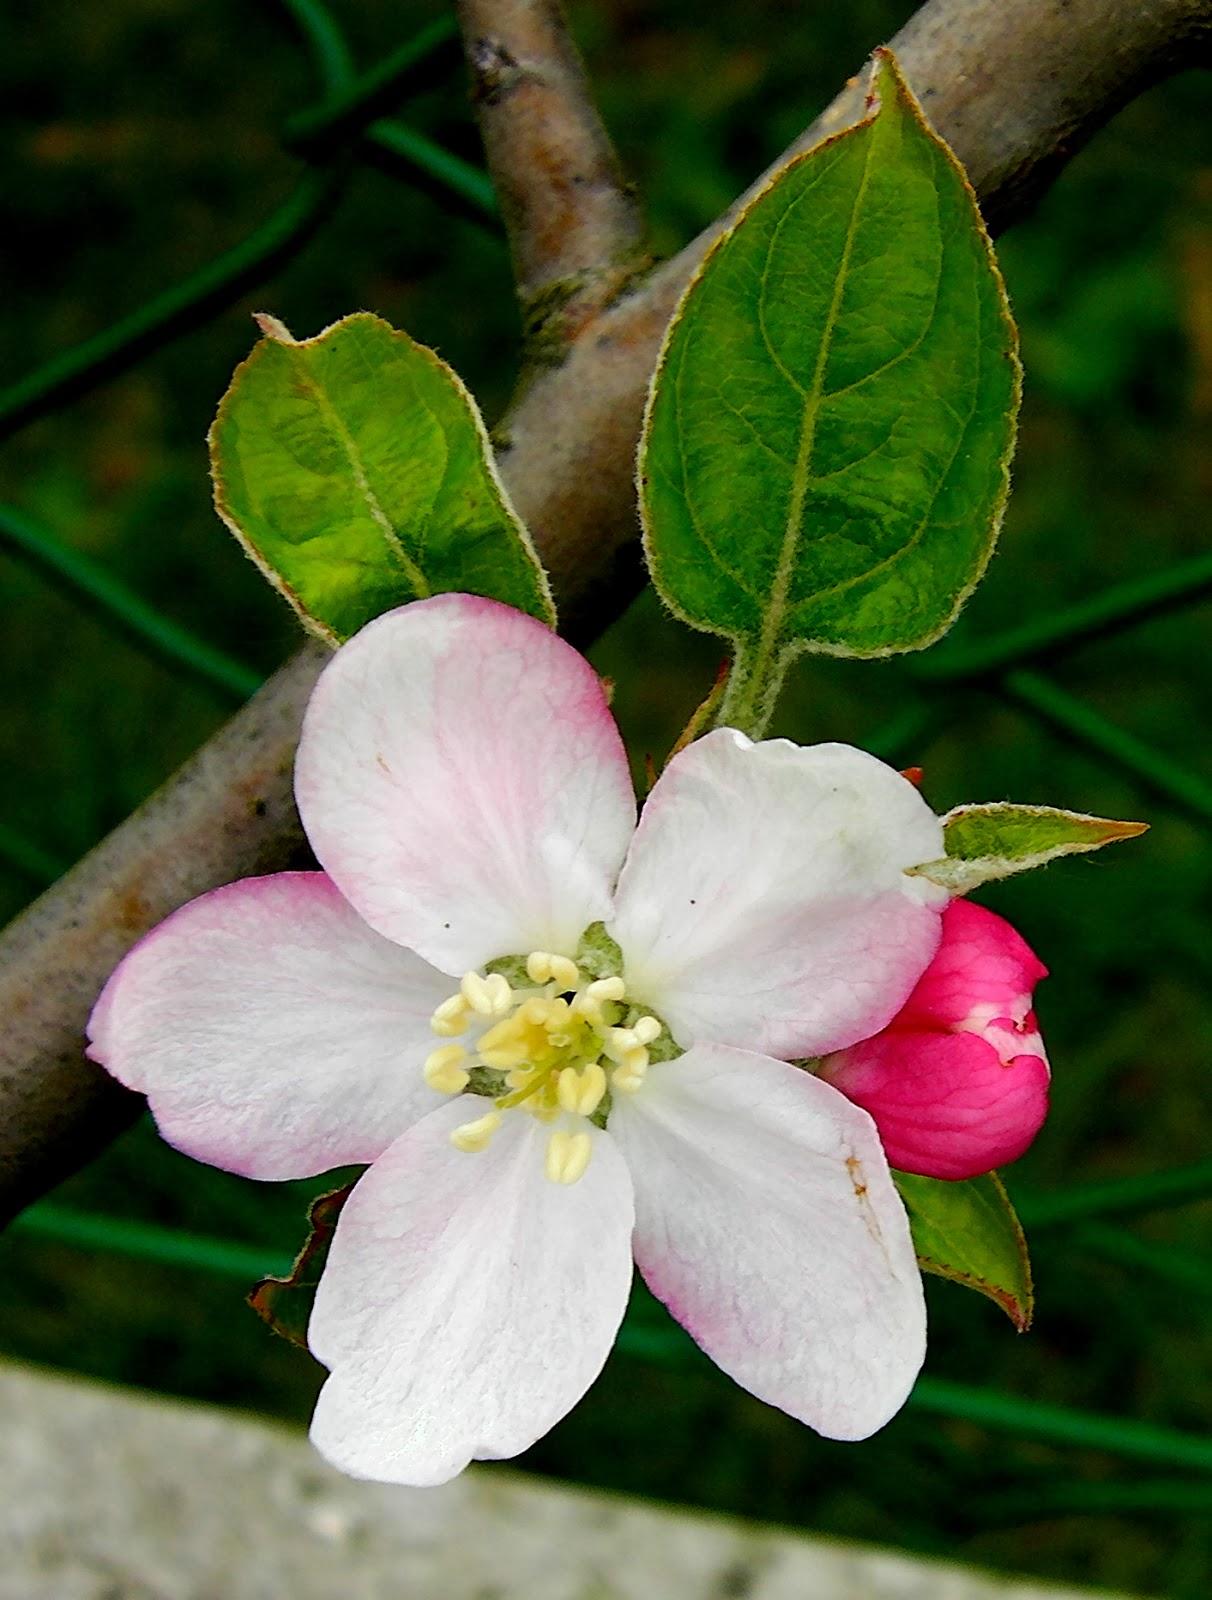 Les secrets de la taille et de la greffe des arbres fruitiers bio 03 petits secrets de la - Bouillie bordelaise sur arbres fruitiers en fleurs ...